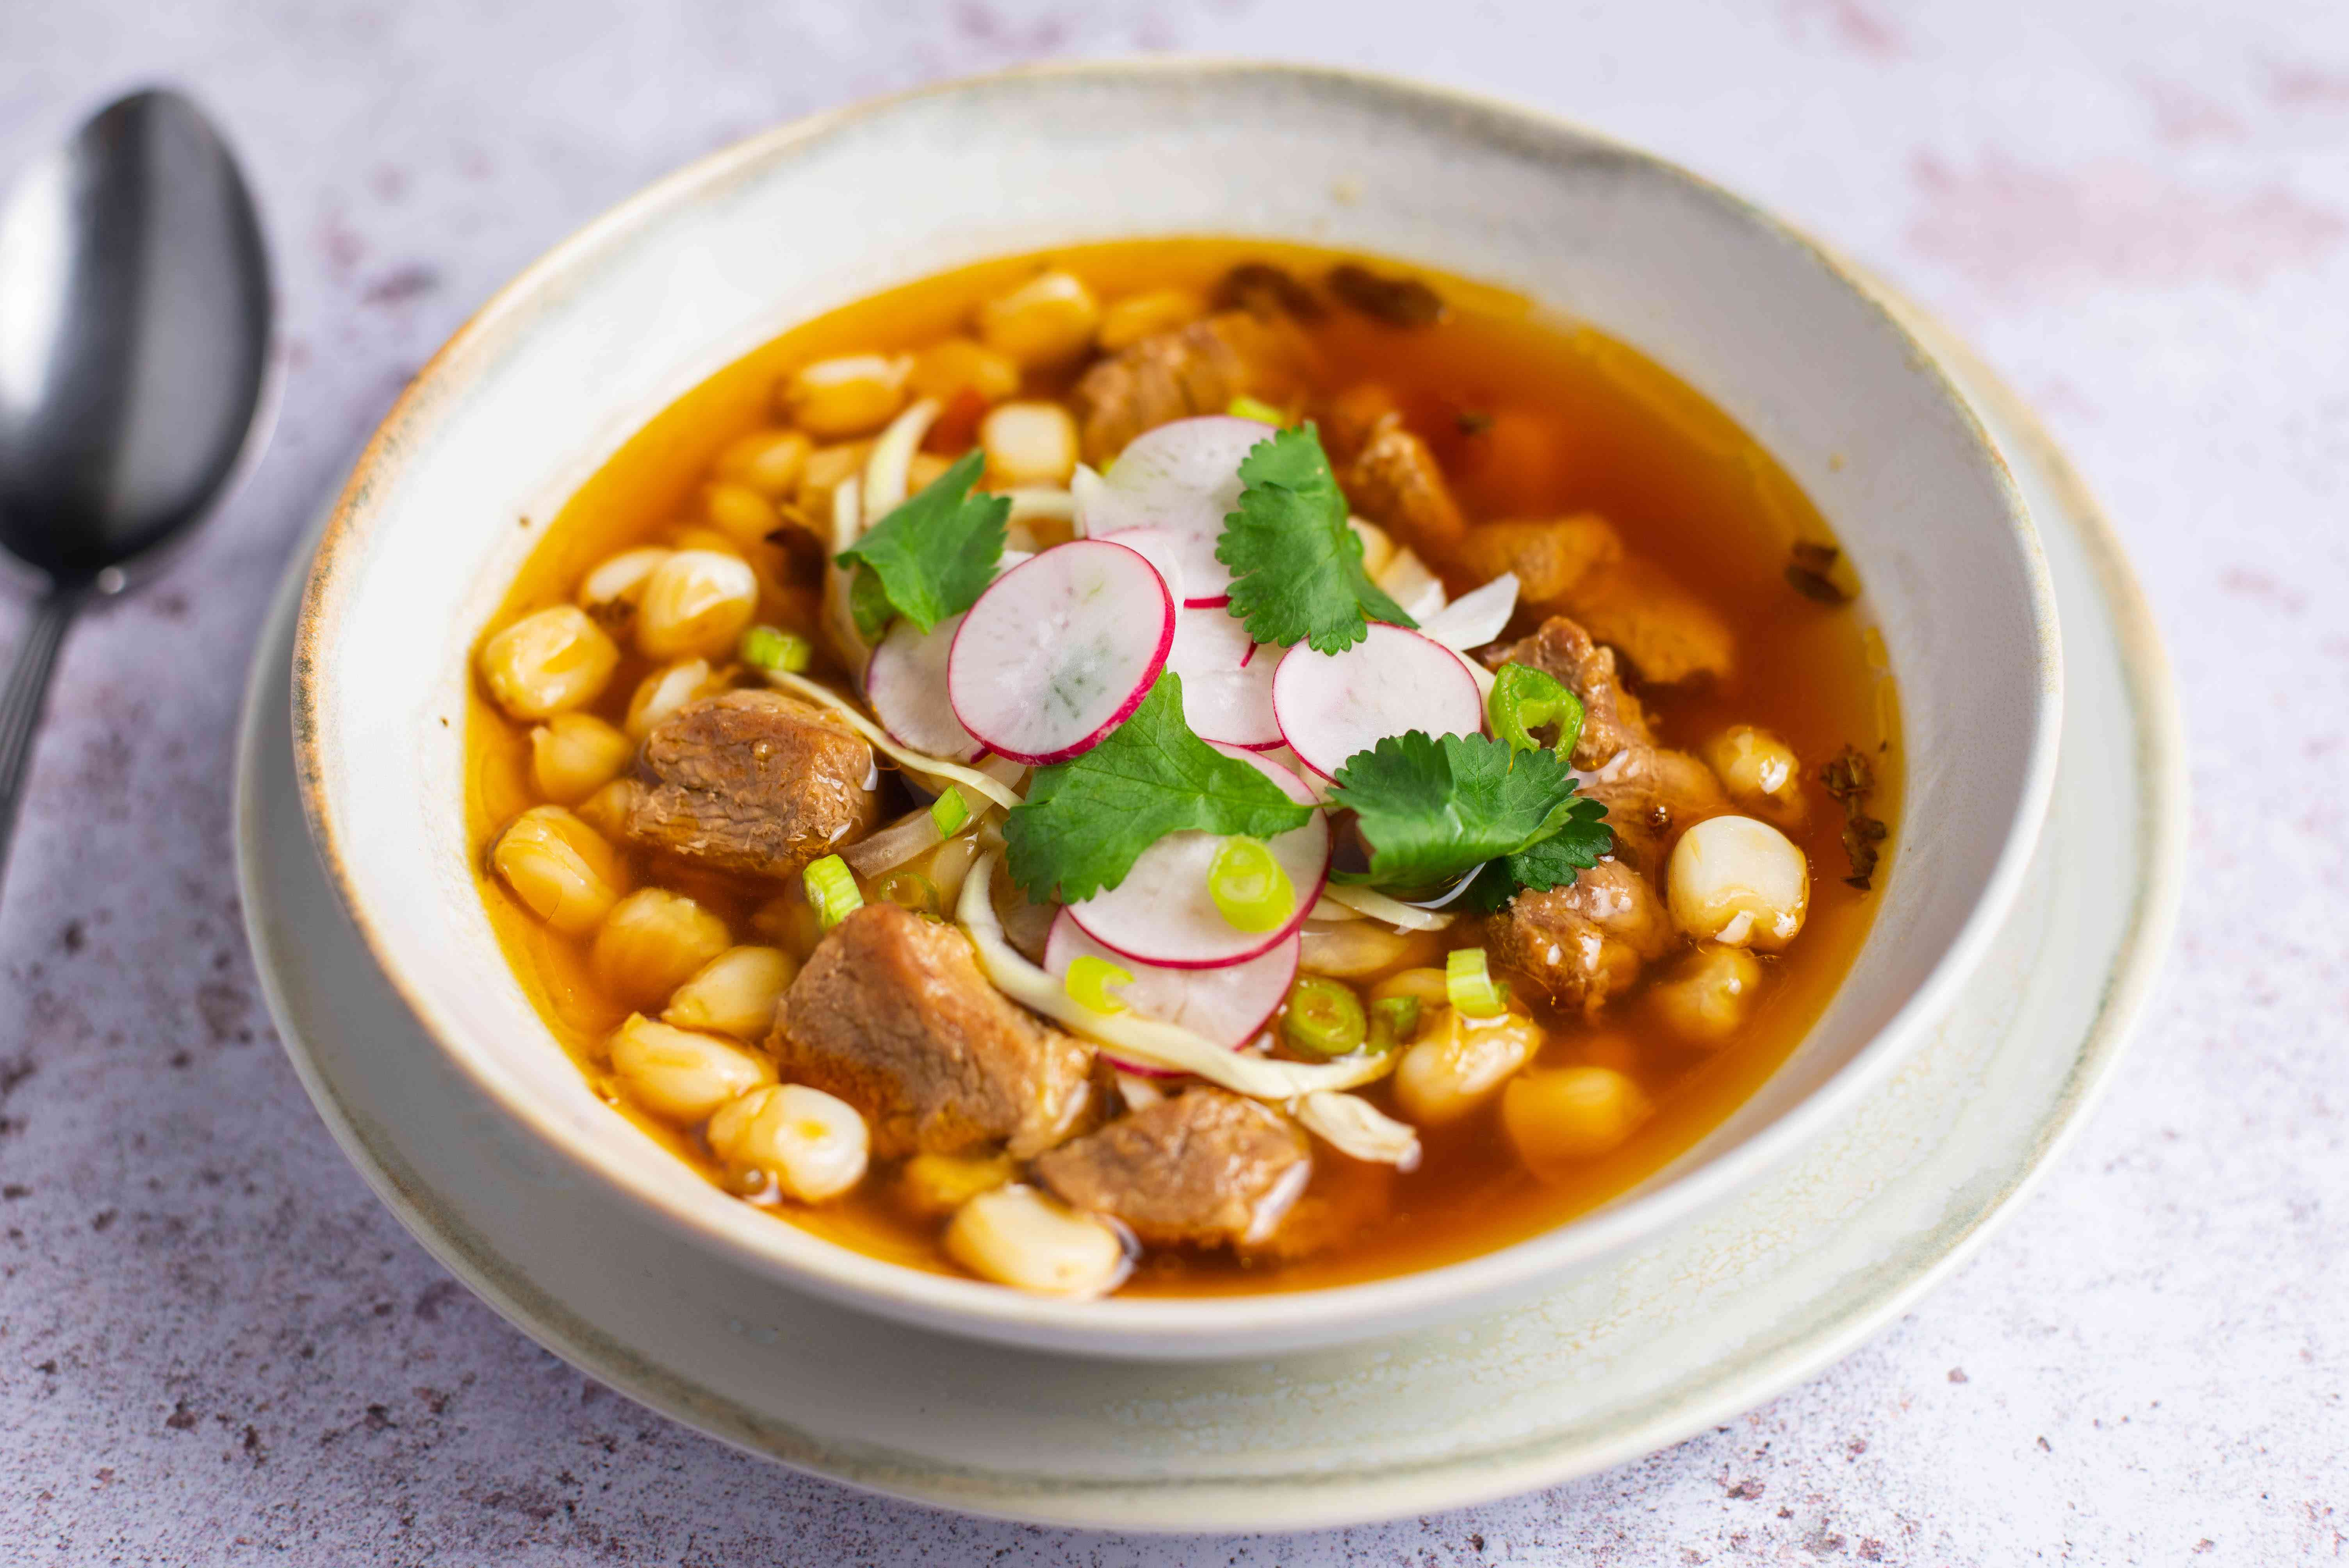 Mexican pozole recipe